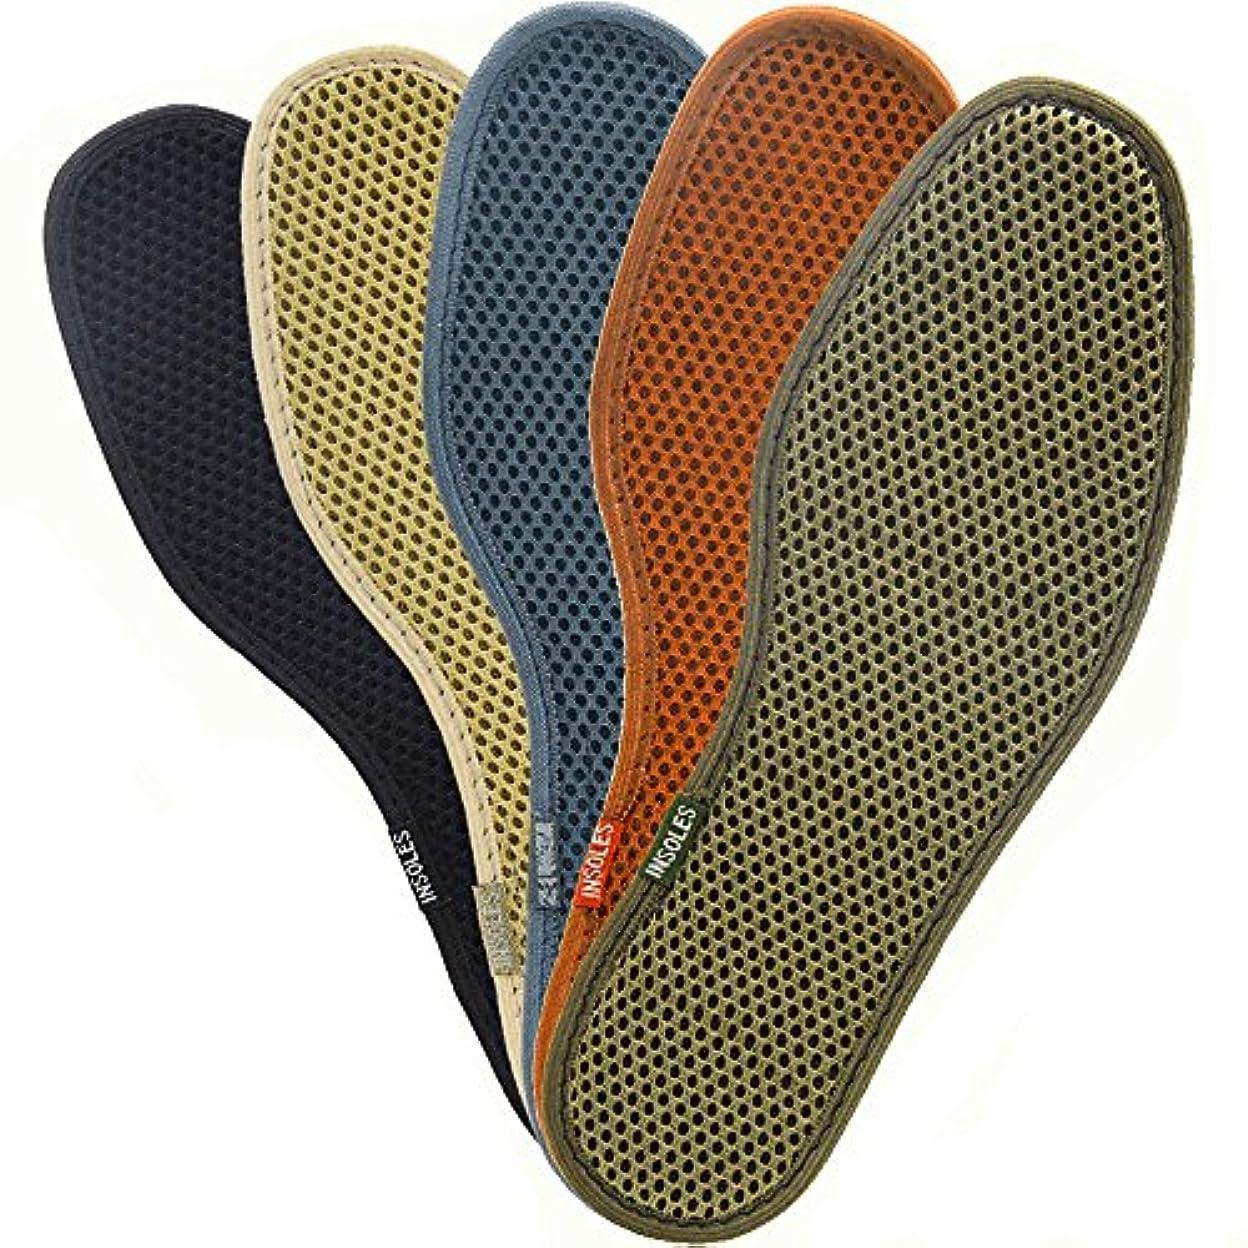 あまりにも最大化する場所[NANAMI] 5PCS消臭マッサージゲルインソール 吸汗ダンパー靴の中敷き